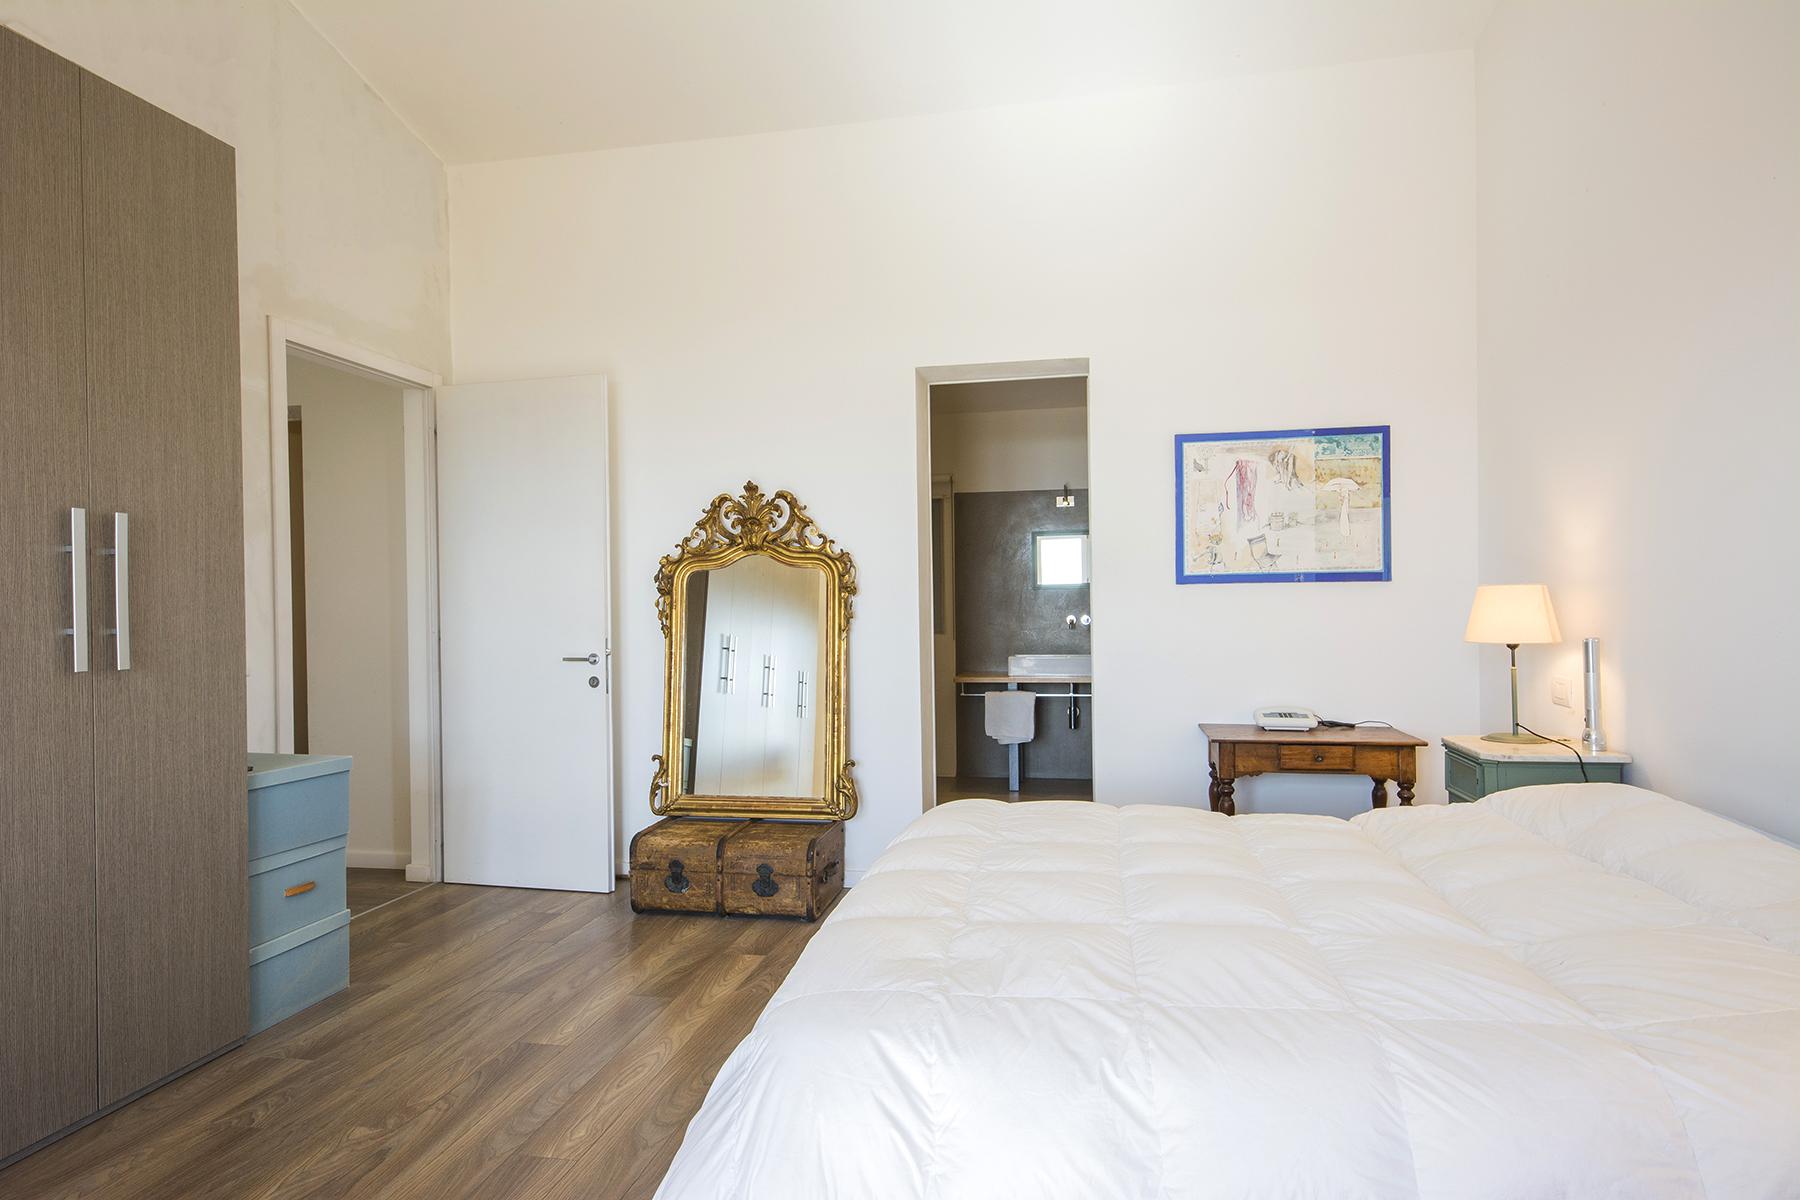 Casa indipendente in Vendita a Lisciano Niccone: 5 locali, 414 mq - Foto 1